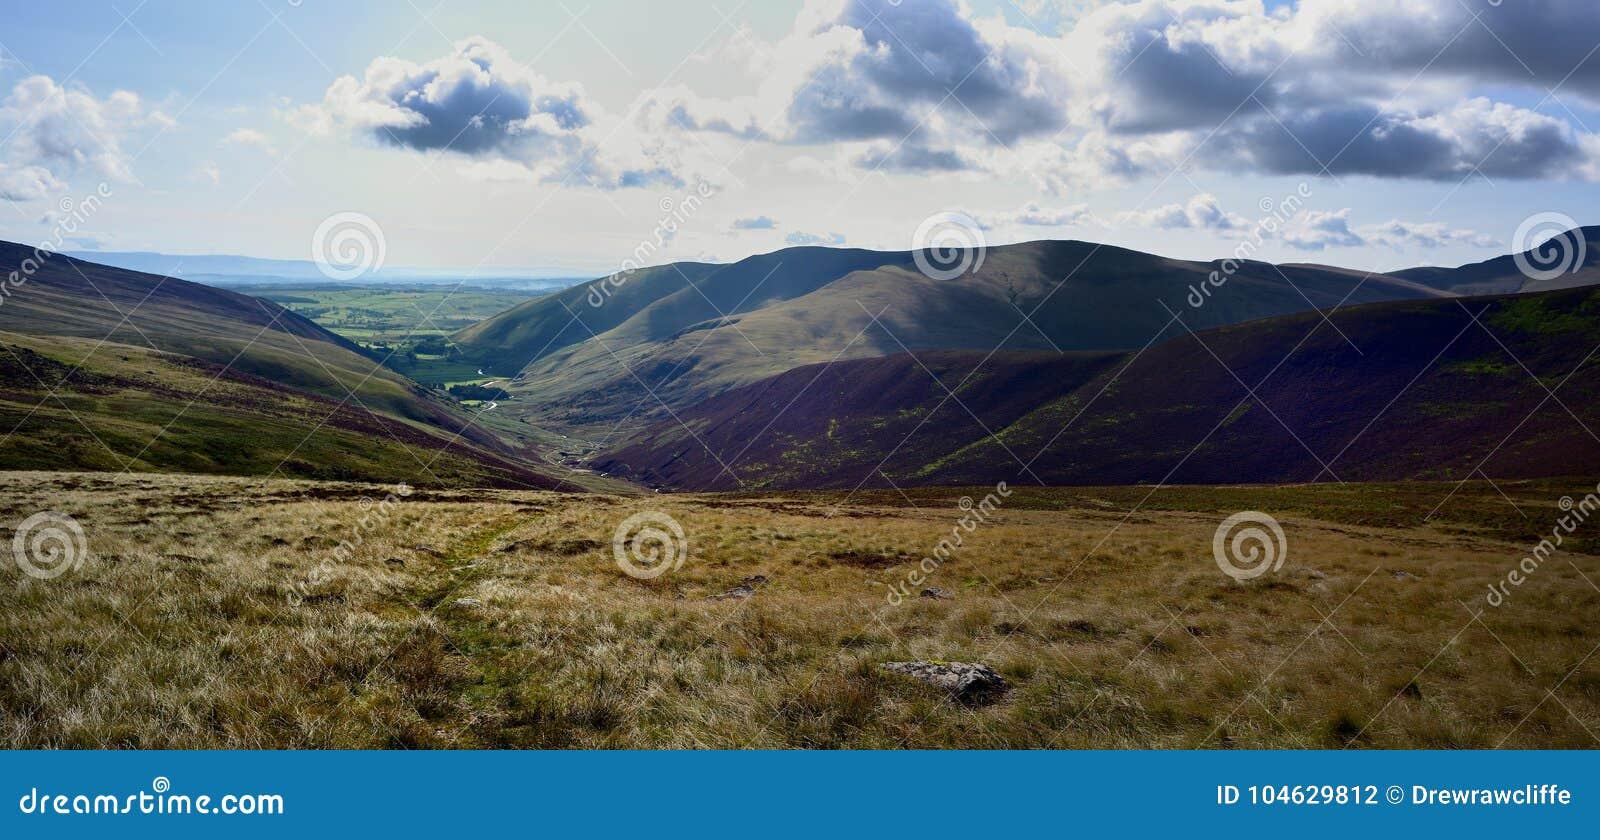 Download Onderaan Grainsgill Beck Aan Mosedale Stock Foto - Afbeelding bestaande uit footpath, mens: 104629812